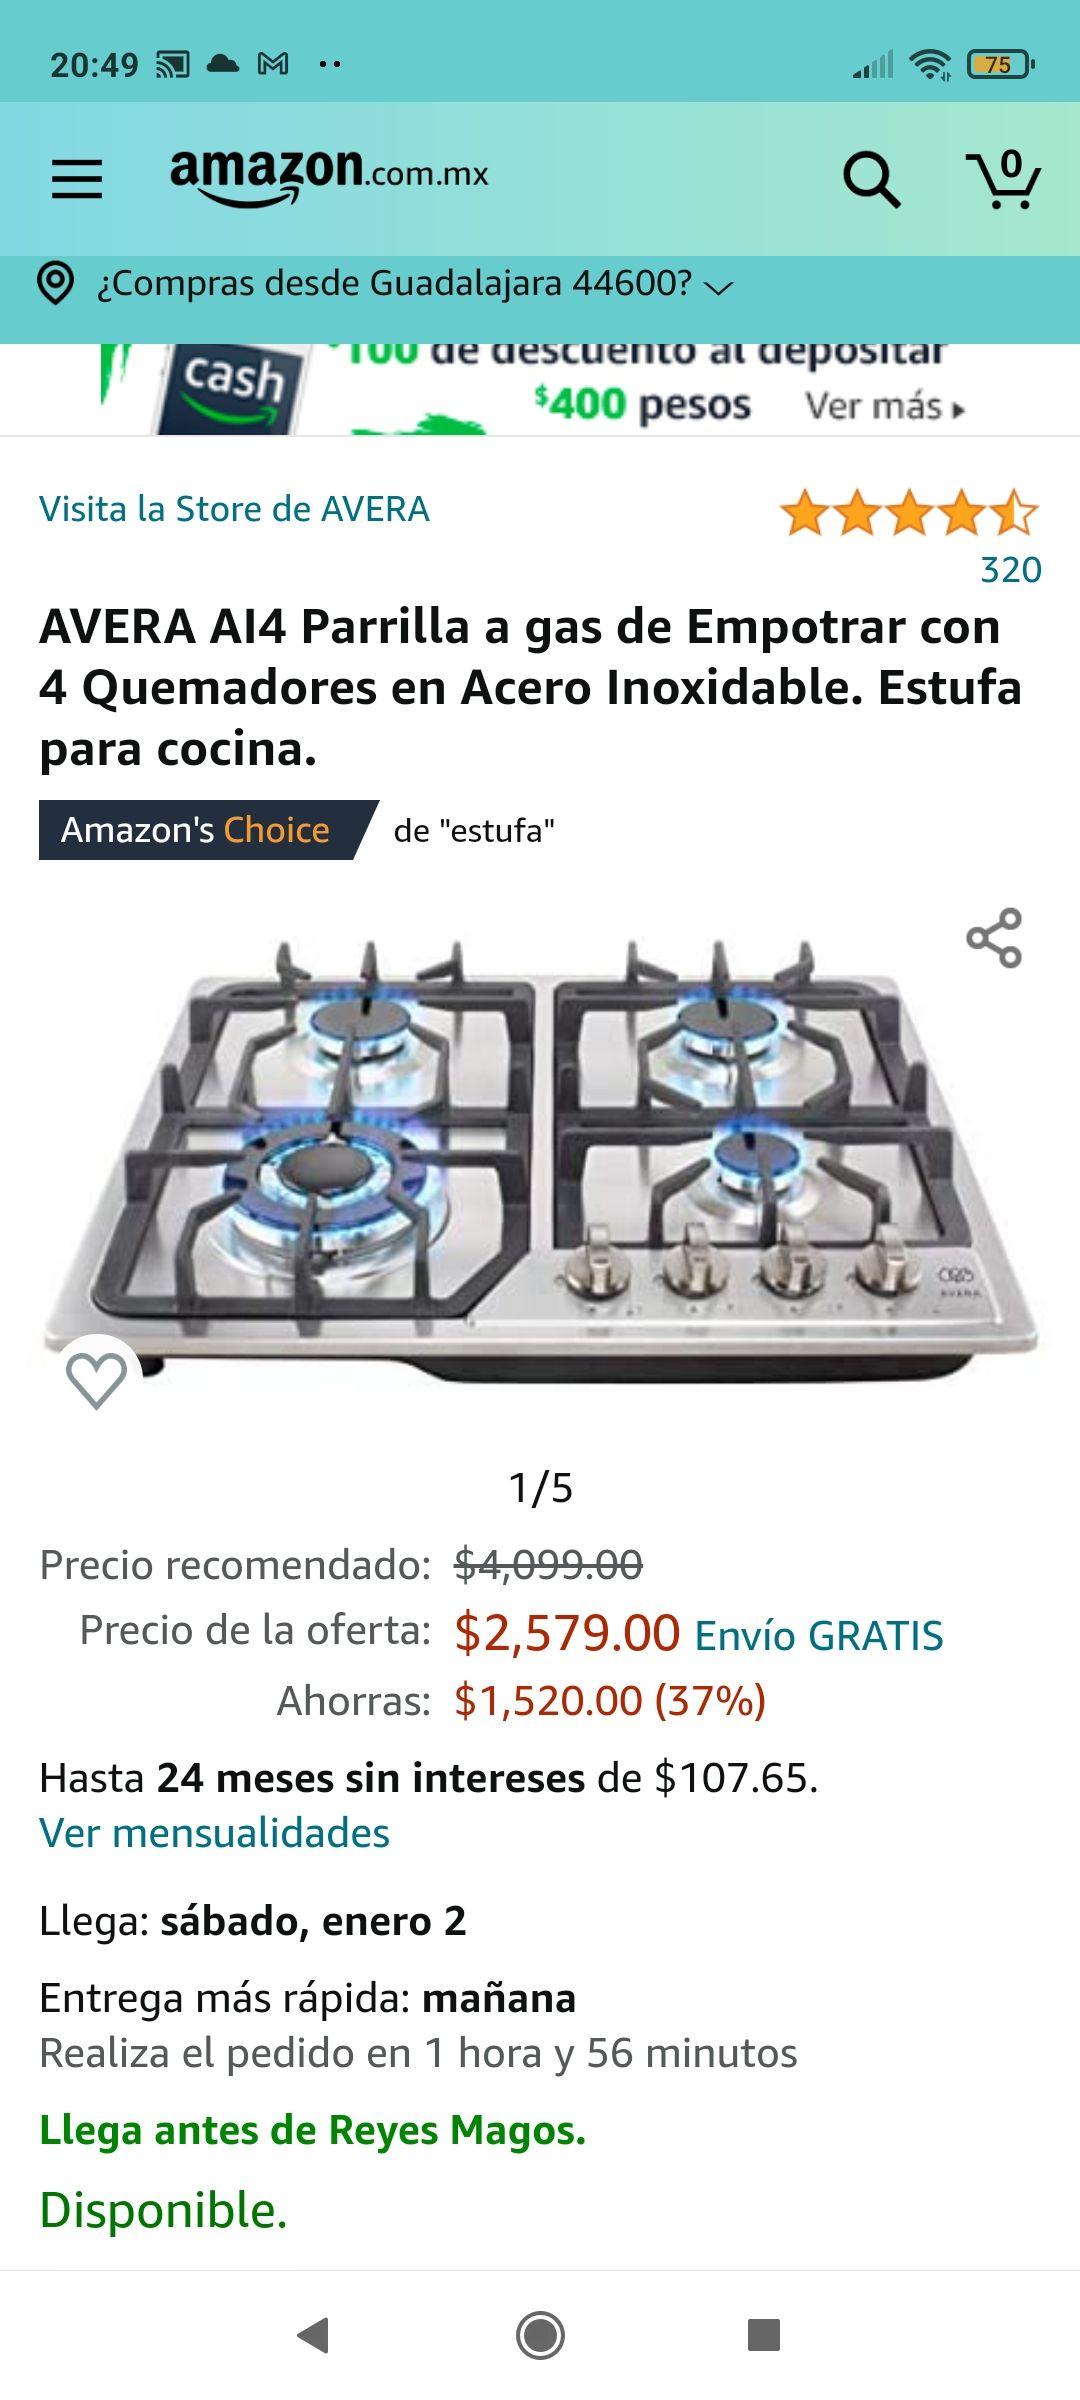 Amazon: AVERA AI4 Parrilla a gas de Empotrar con 4 Quemadores en Acero Inoxidable. Estufa para cocina.